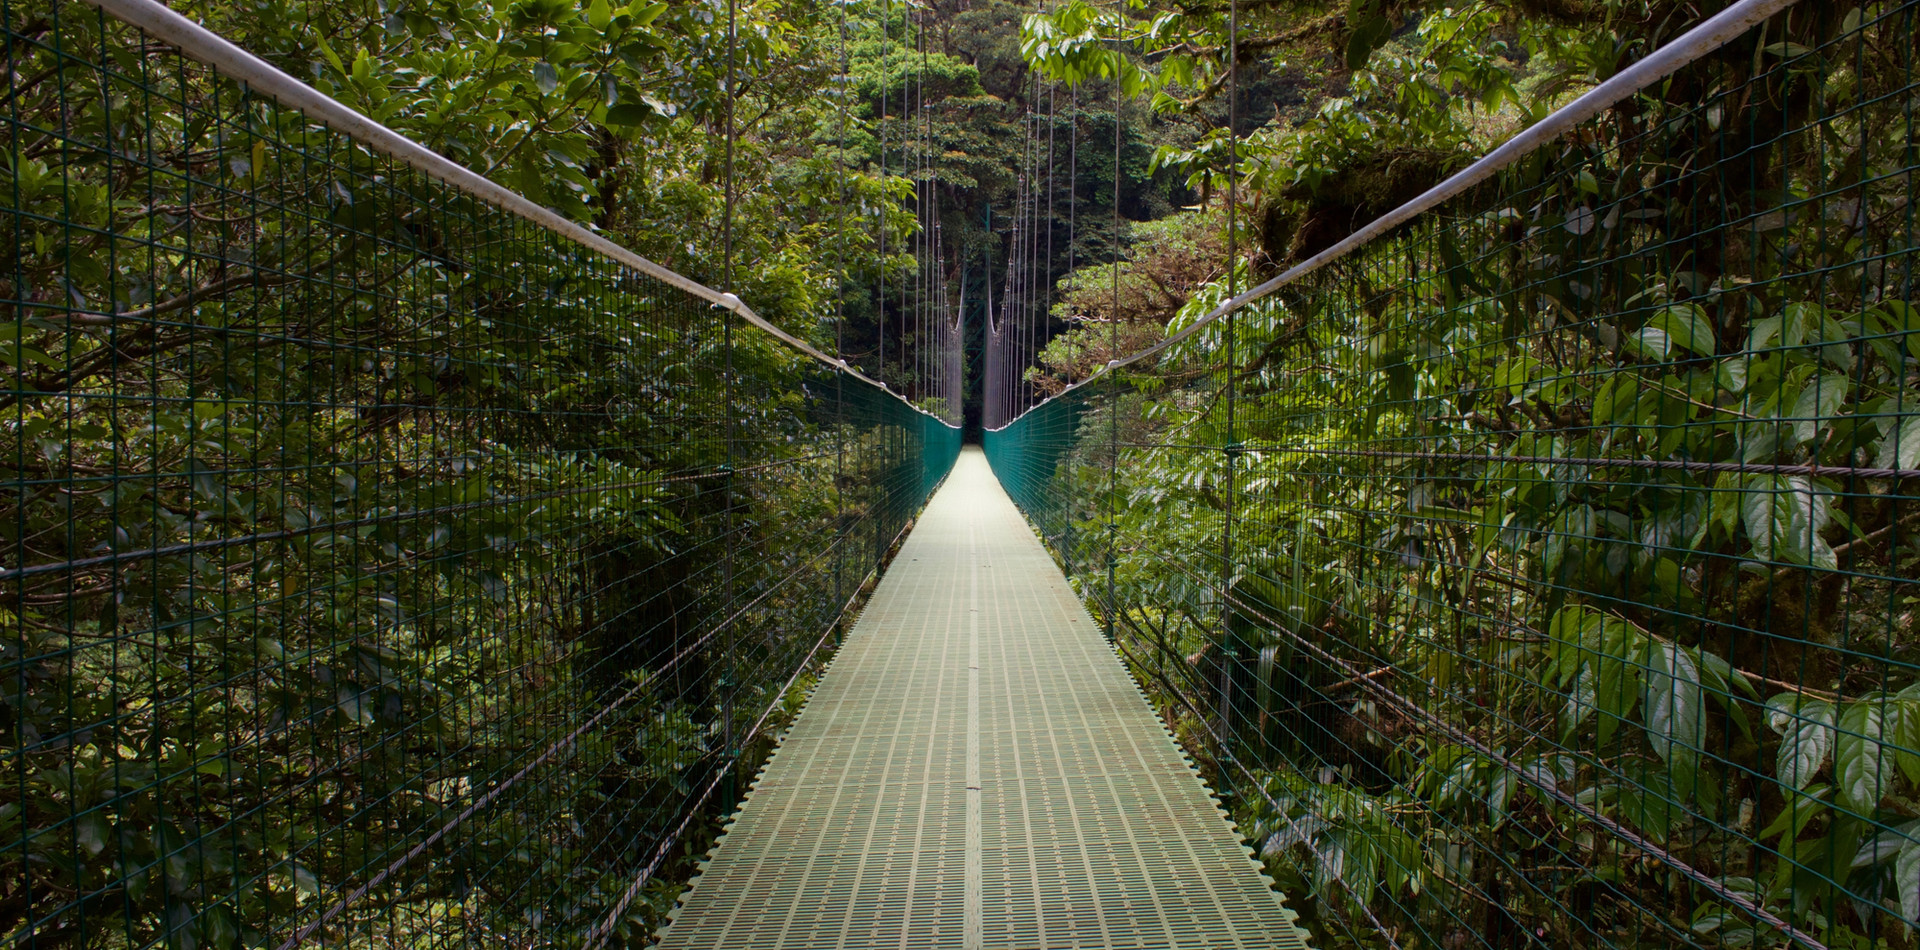 DAY 6 - Monteverde